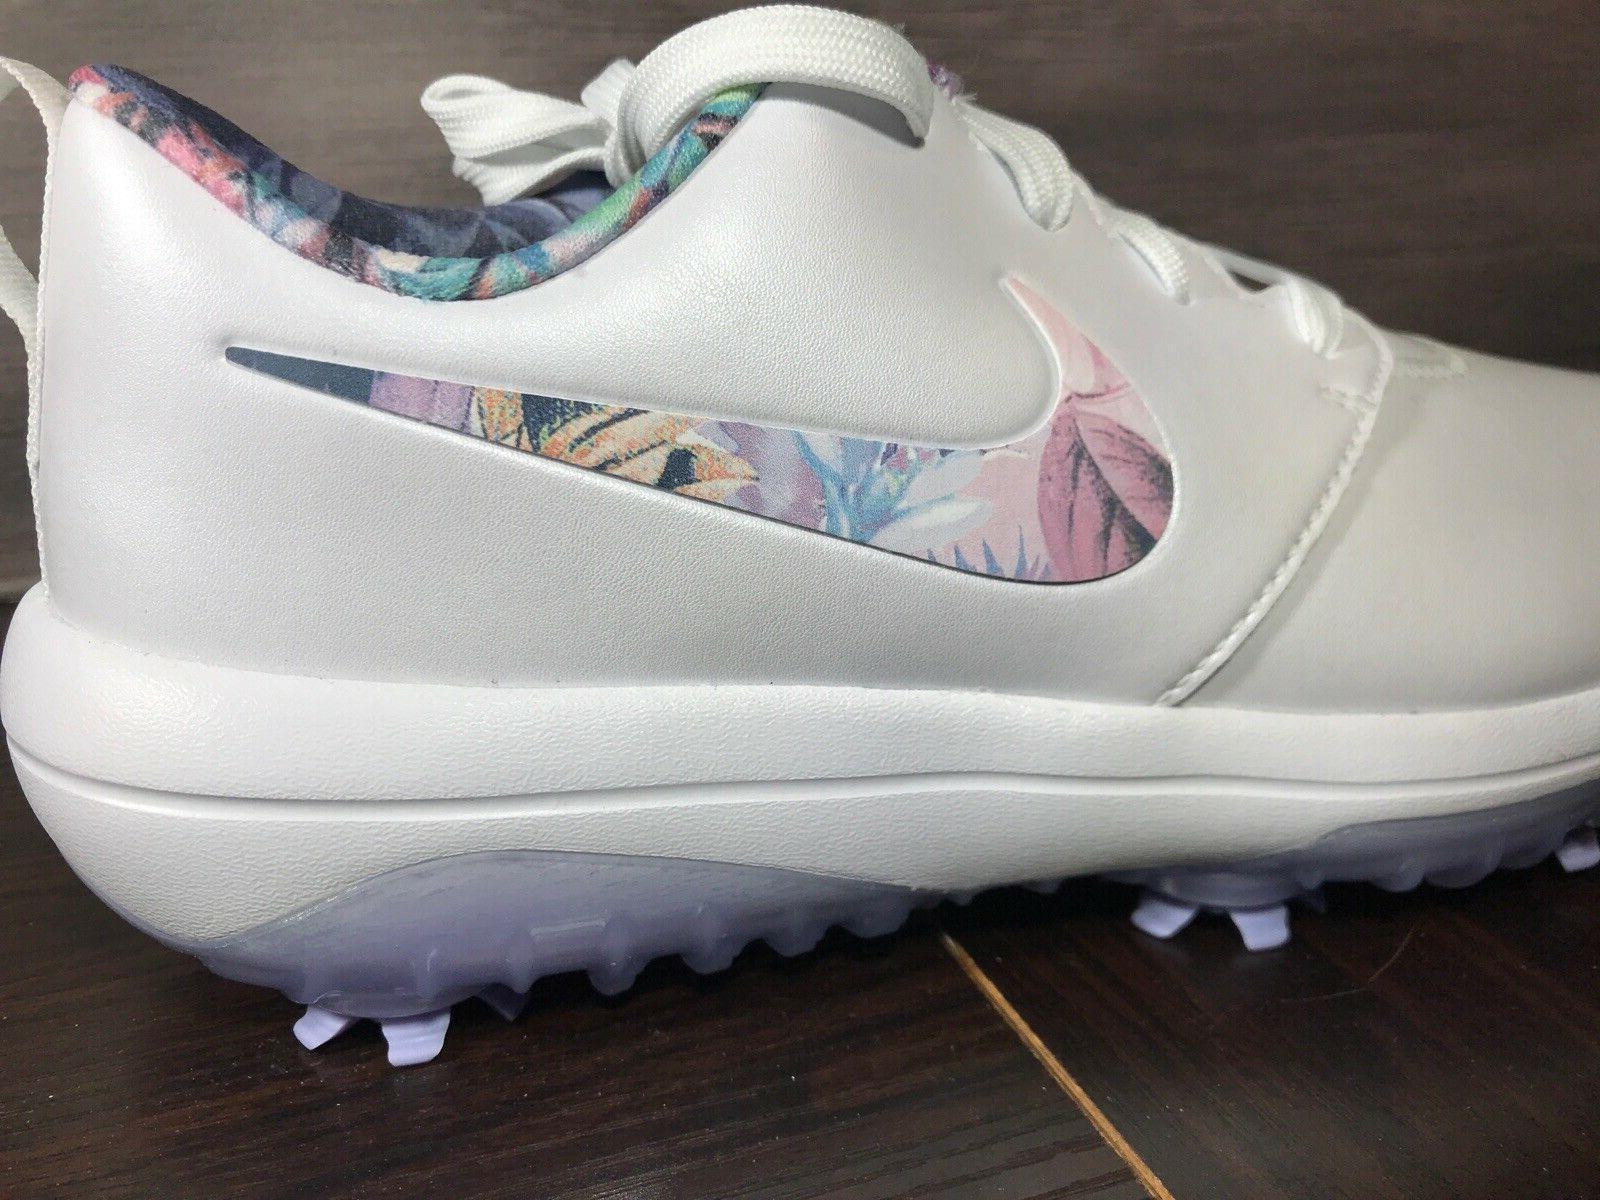 Nike NRG Spikes White Floral BV0659-100